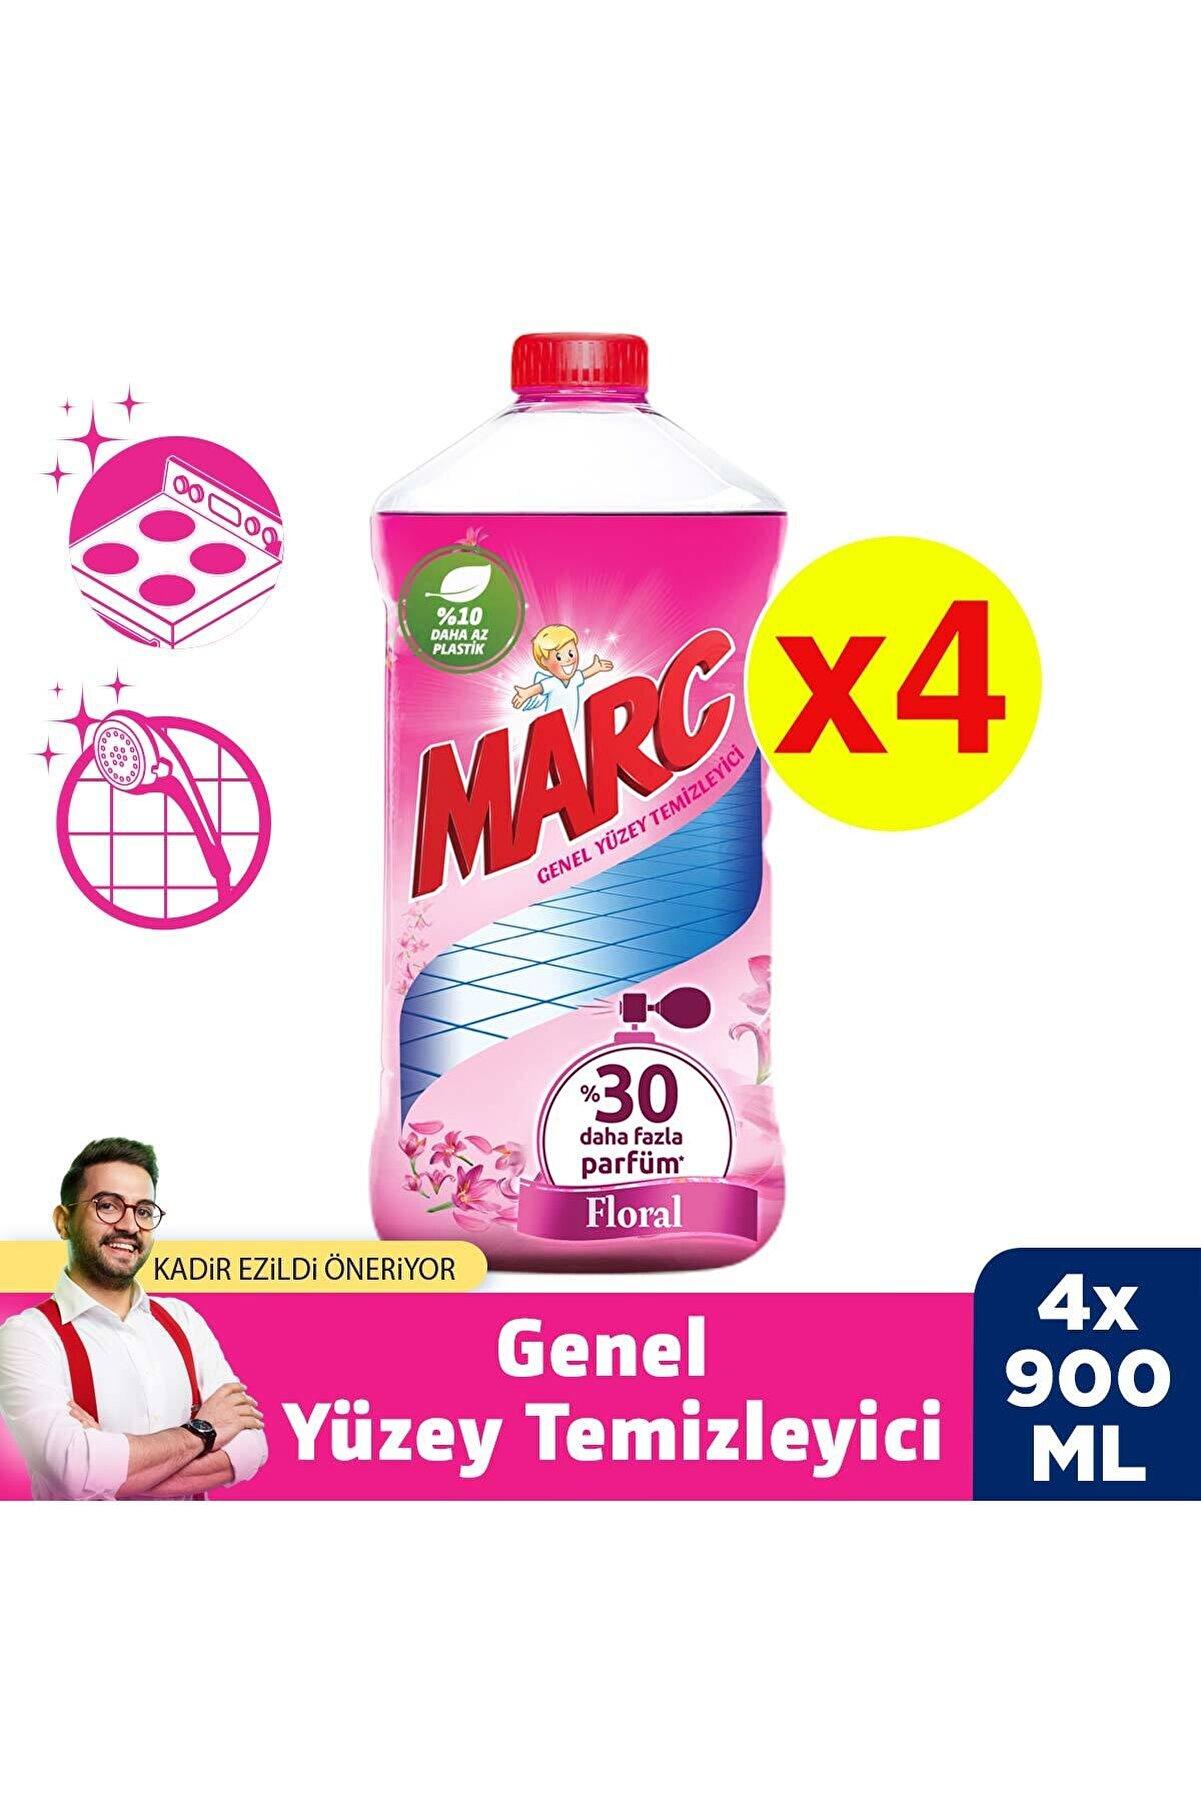 Marc Yüzey Temizleyici 4x900 ml Floral